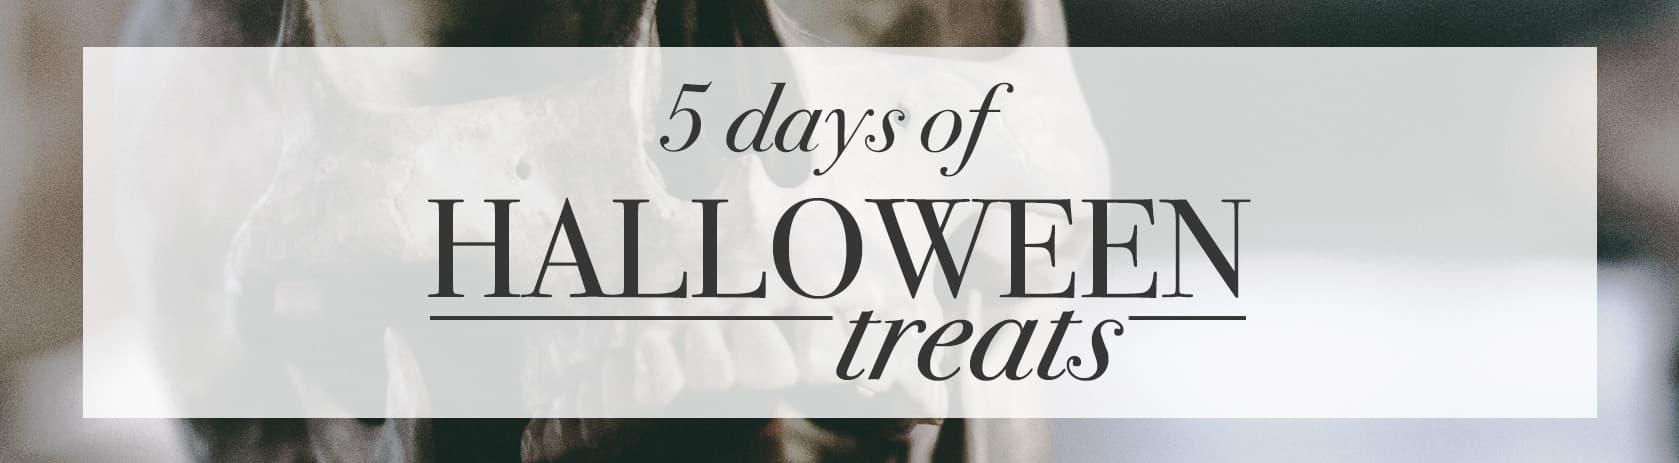 5 Days of Halloween Treats